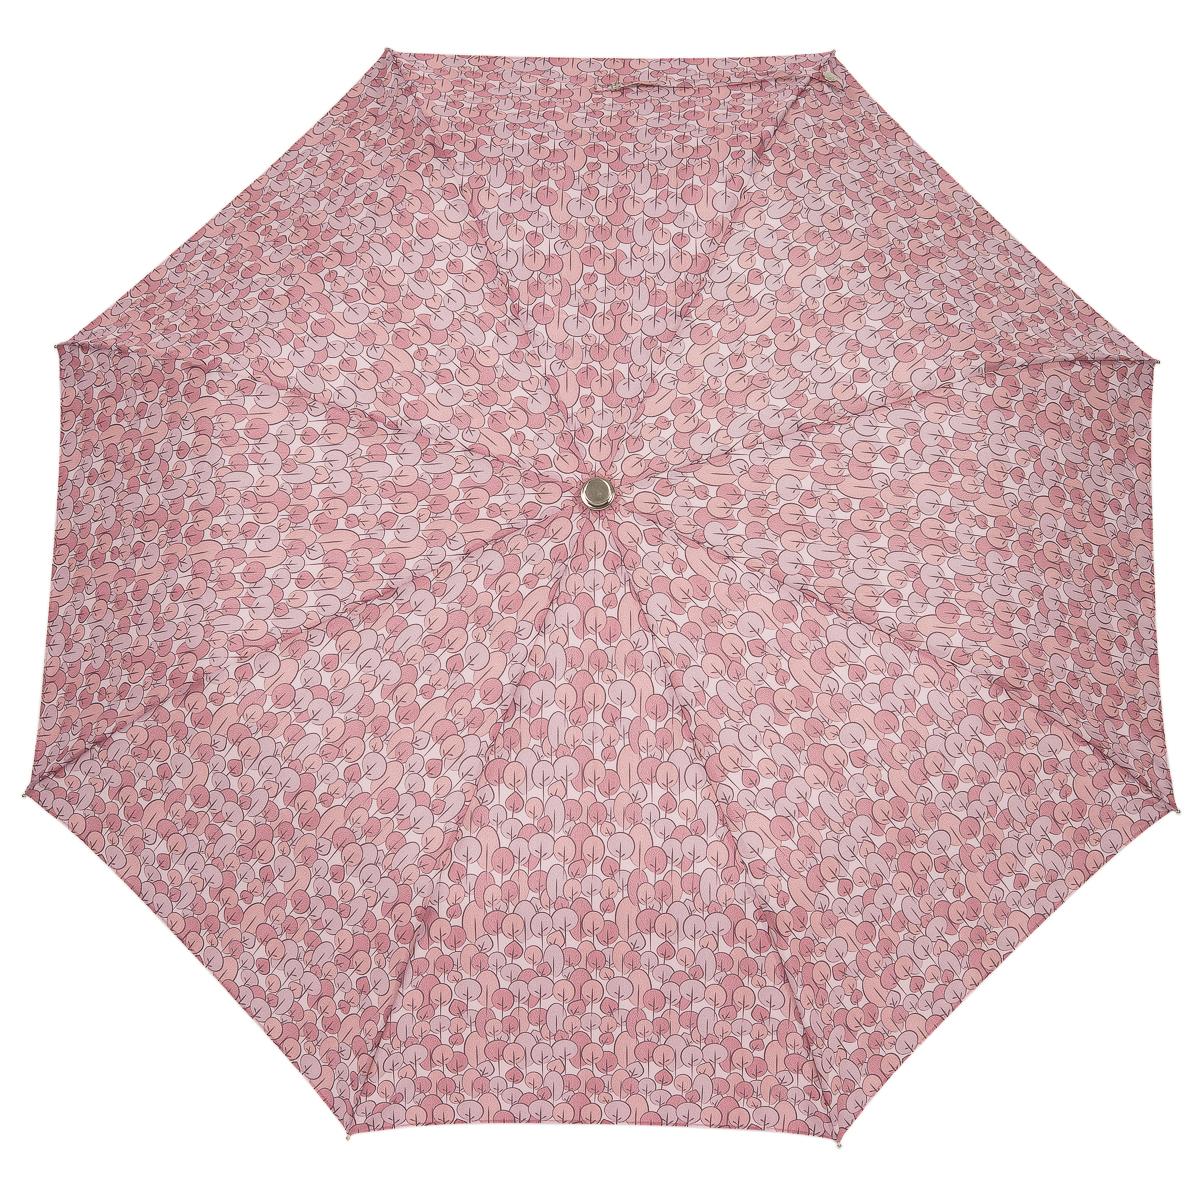 Зонт женский Stilla, цвет: красный. 788/3 miniБрошь-булавкаОблегченный женский зонтик. Конструкция 3 сложения, полный автомат, облегченная конструкция (вес - 320 гр), система антиветер. Ткань - полиэстер. Диаметр купола - 112 см по верхней части, 101 см по нижней. Длина в сложенном состоянии - 27 см.